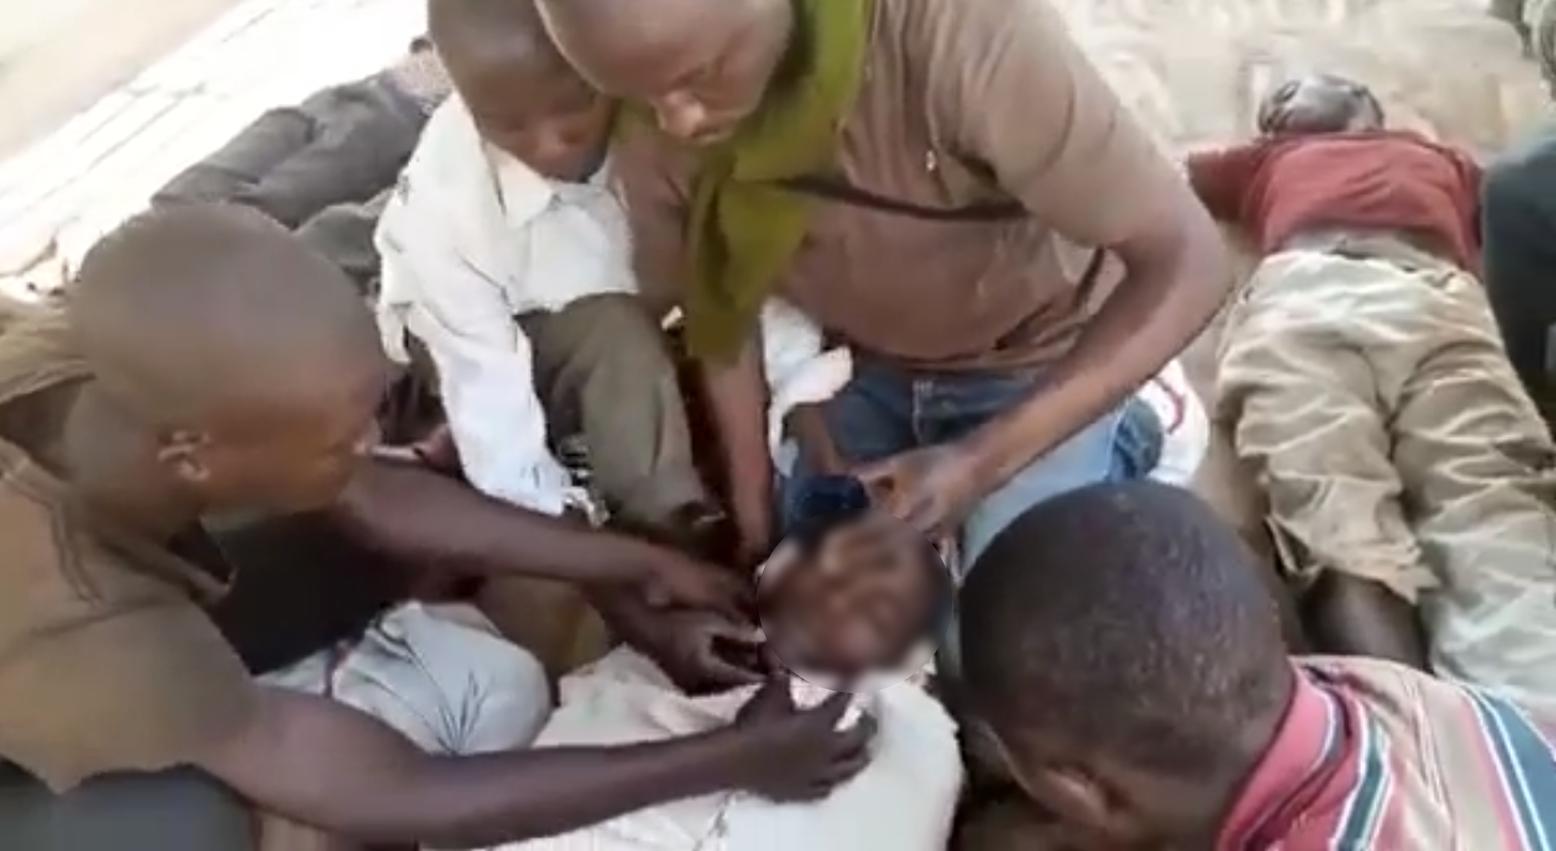 La vidéo a été filmée le 3 juillet dans la prison de Kalehe au Sud-Kivu.